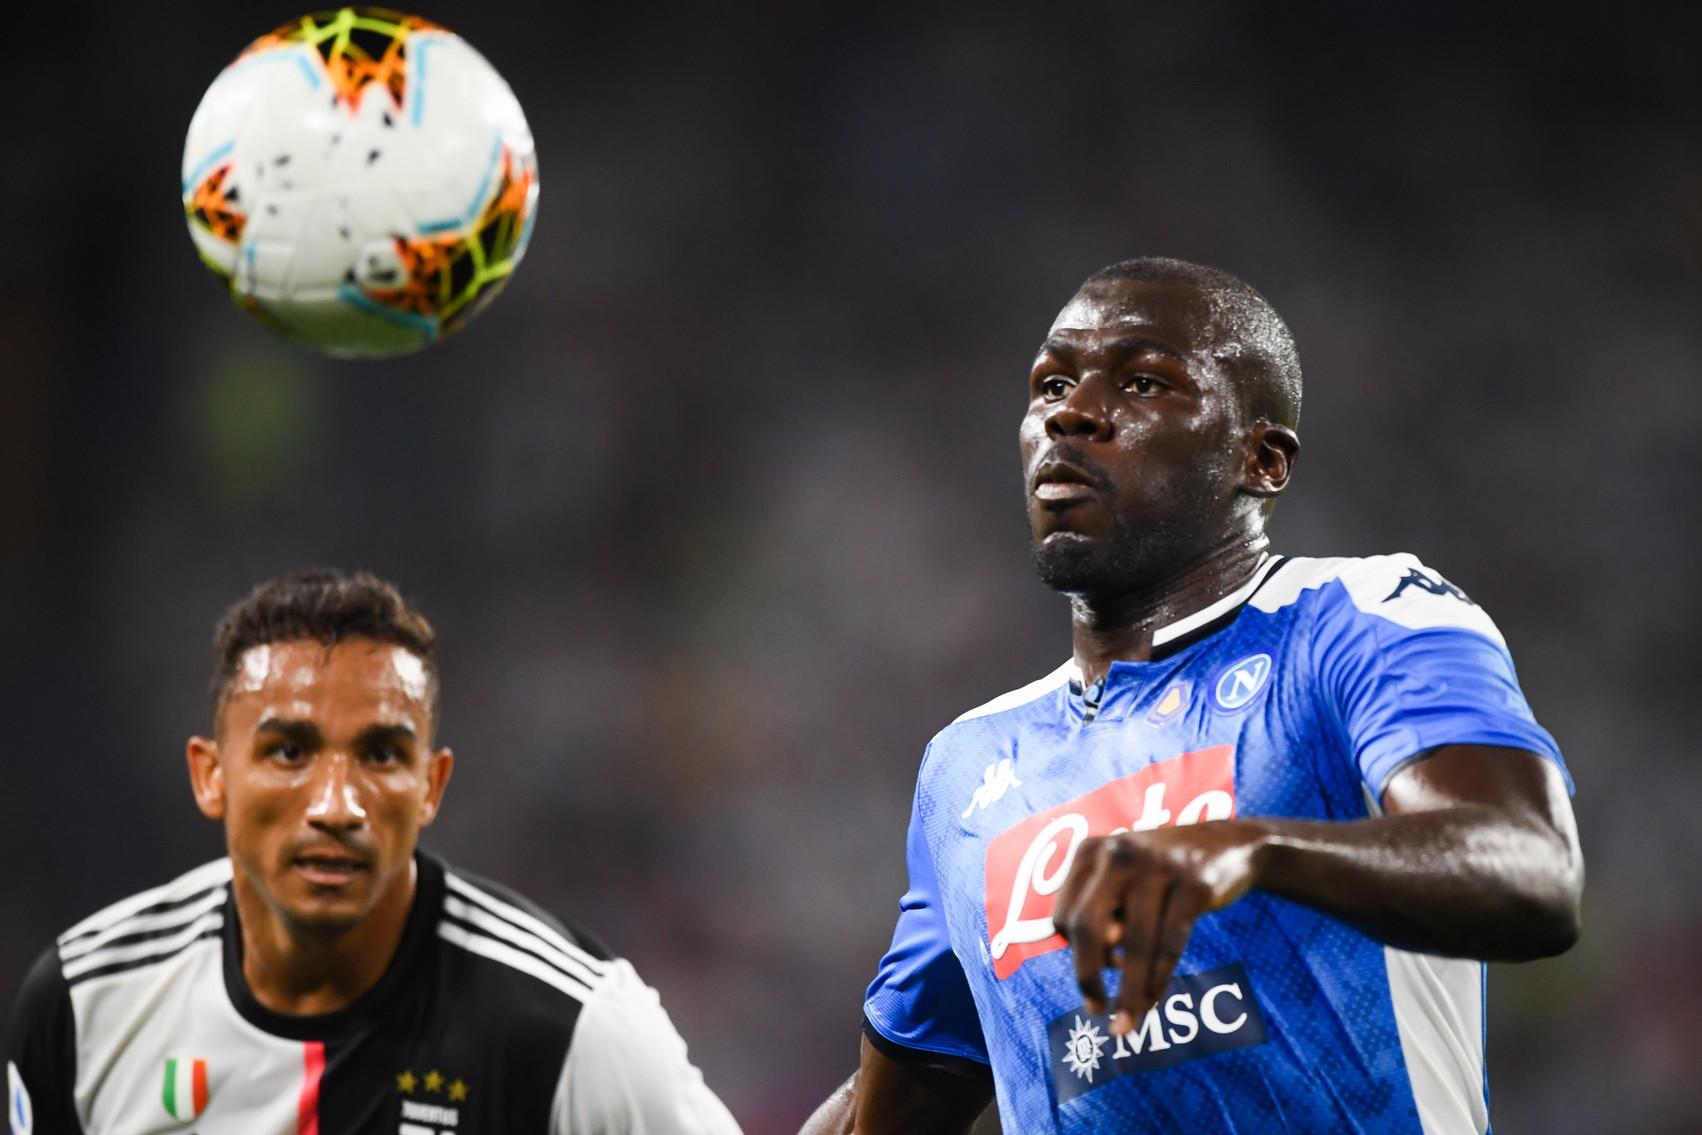 L'autogol contro la Juve ha fatto il giro del mondo. Ma aveva sbagliato anche sul gol di Higuain. Koulibaly non è ancora il muro che conosciamo